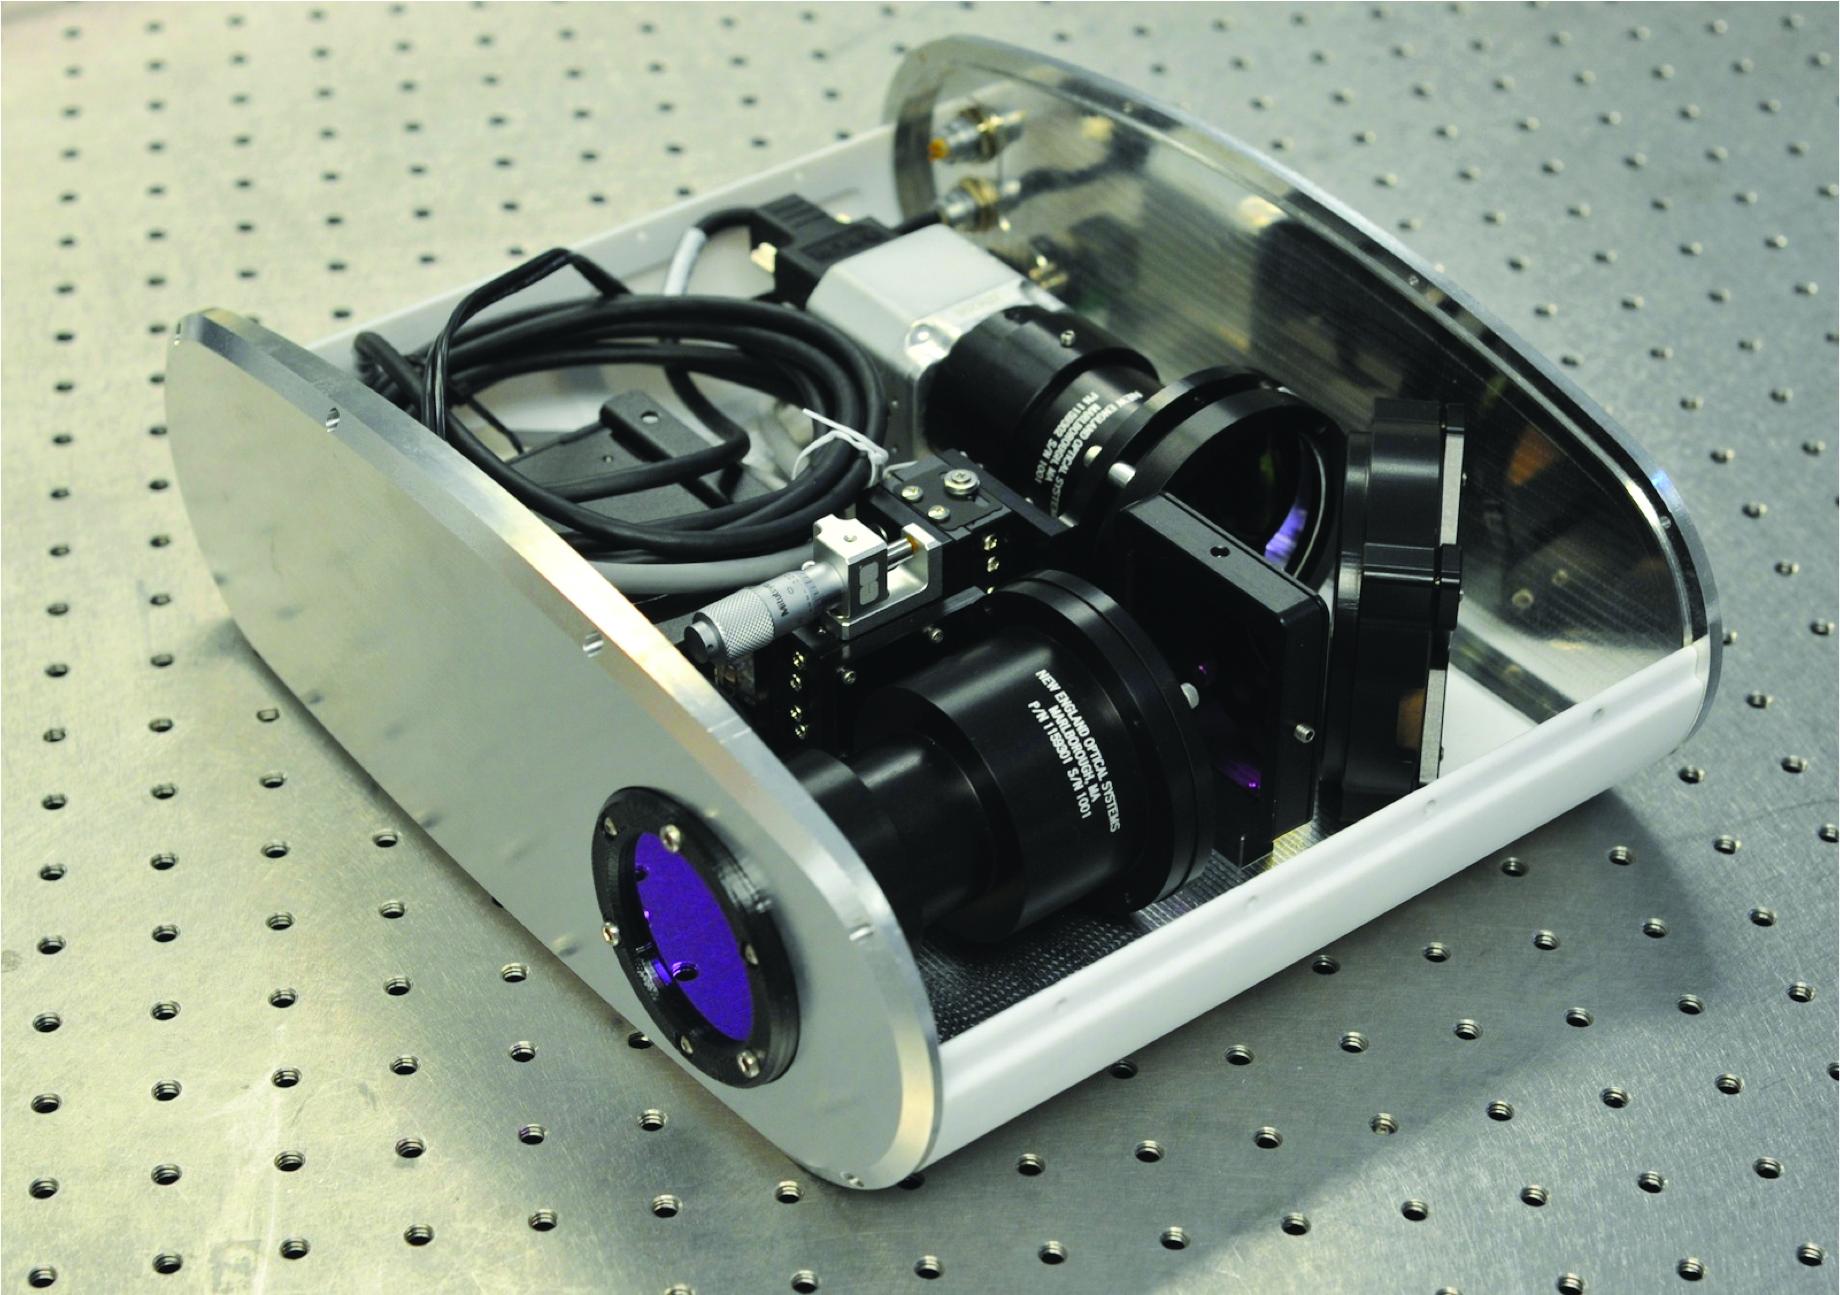 HSI-handheld